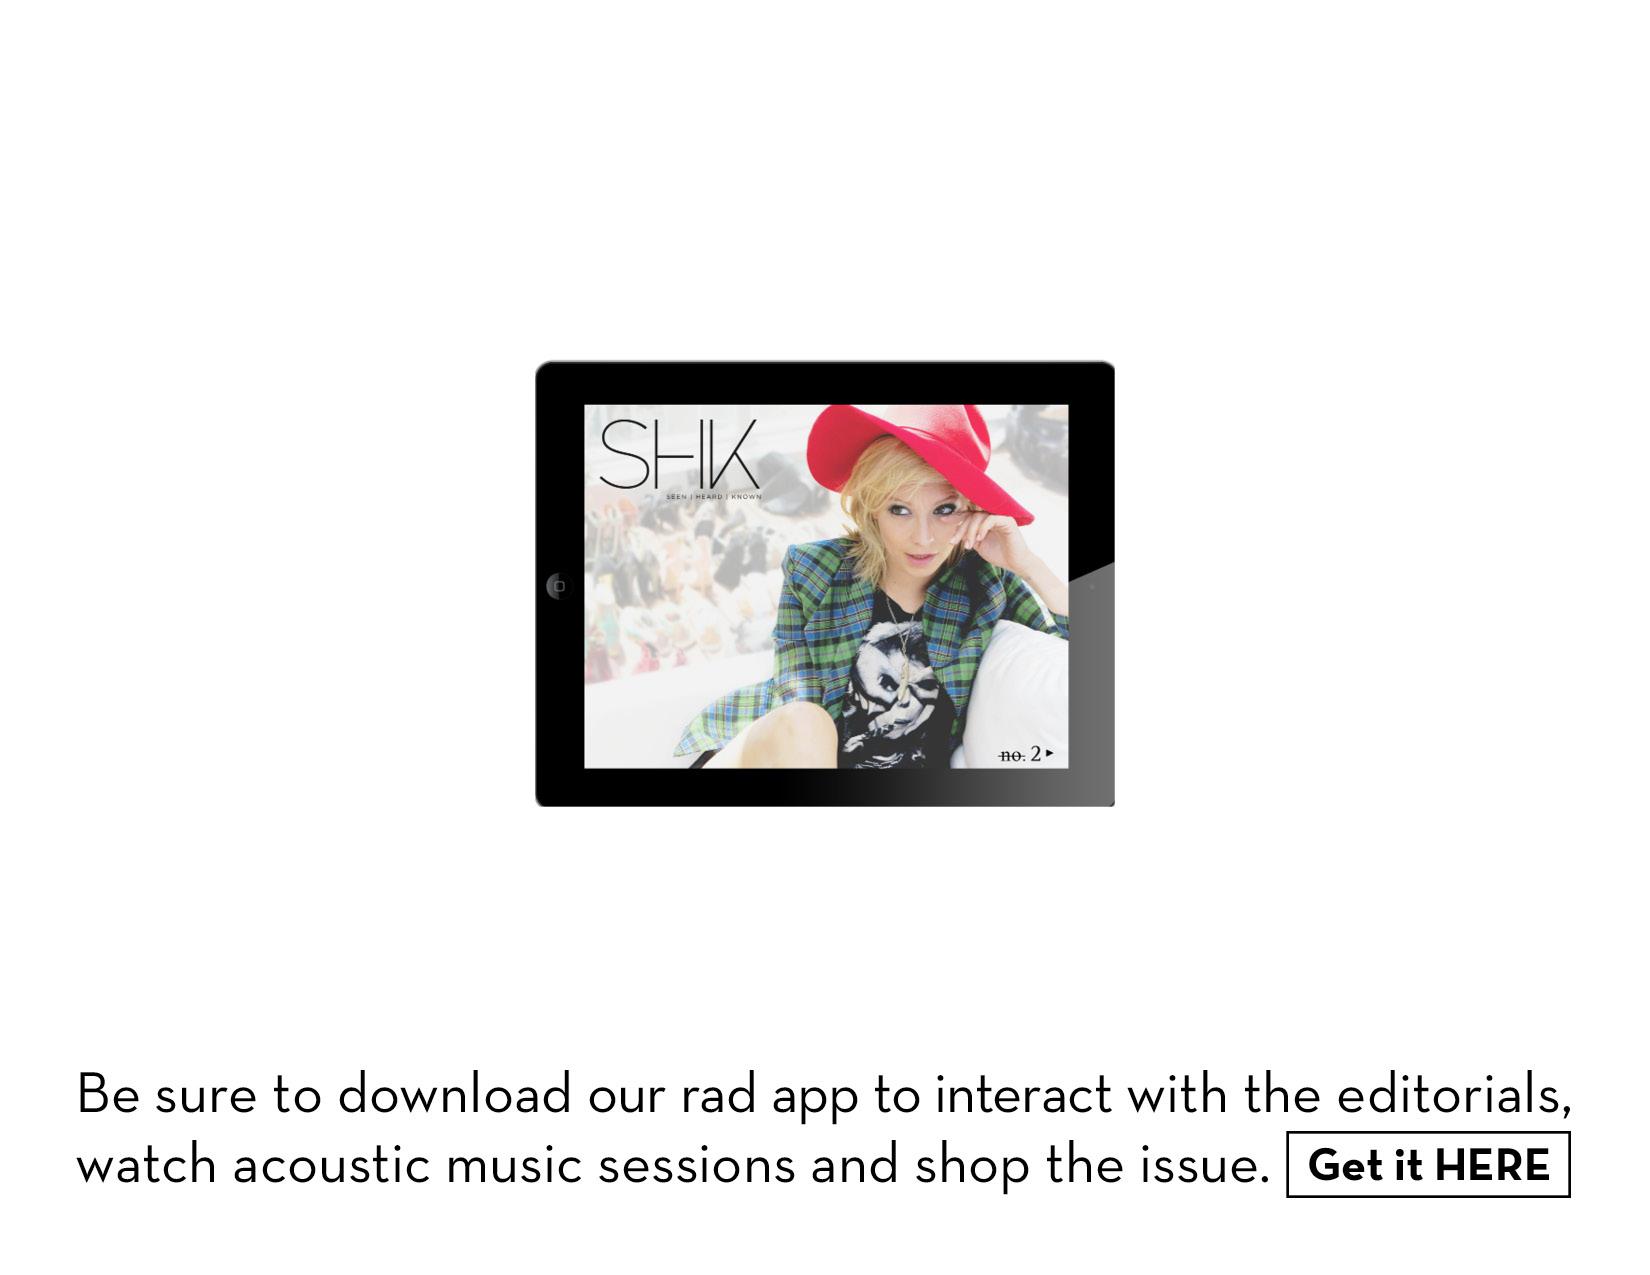 SHK-Summer-Issue-Summer-Needs-No-Explaination-201394.jpg